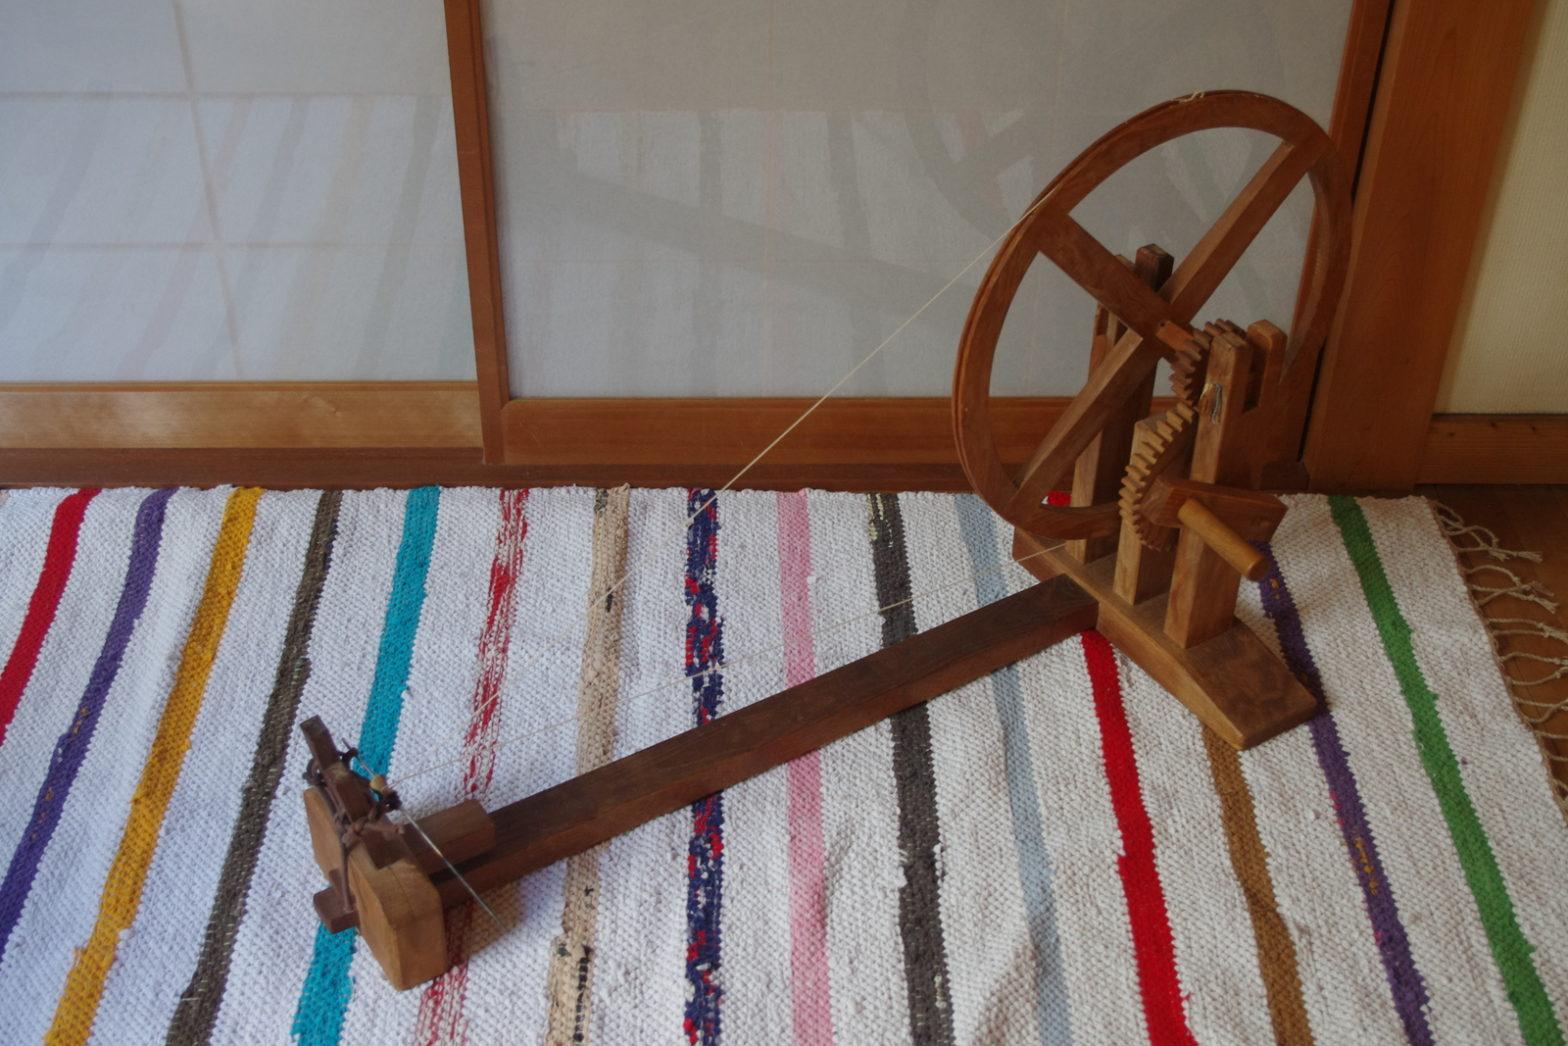 糸紡ぎ機じゃない?